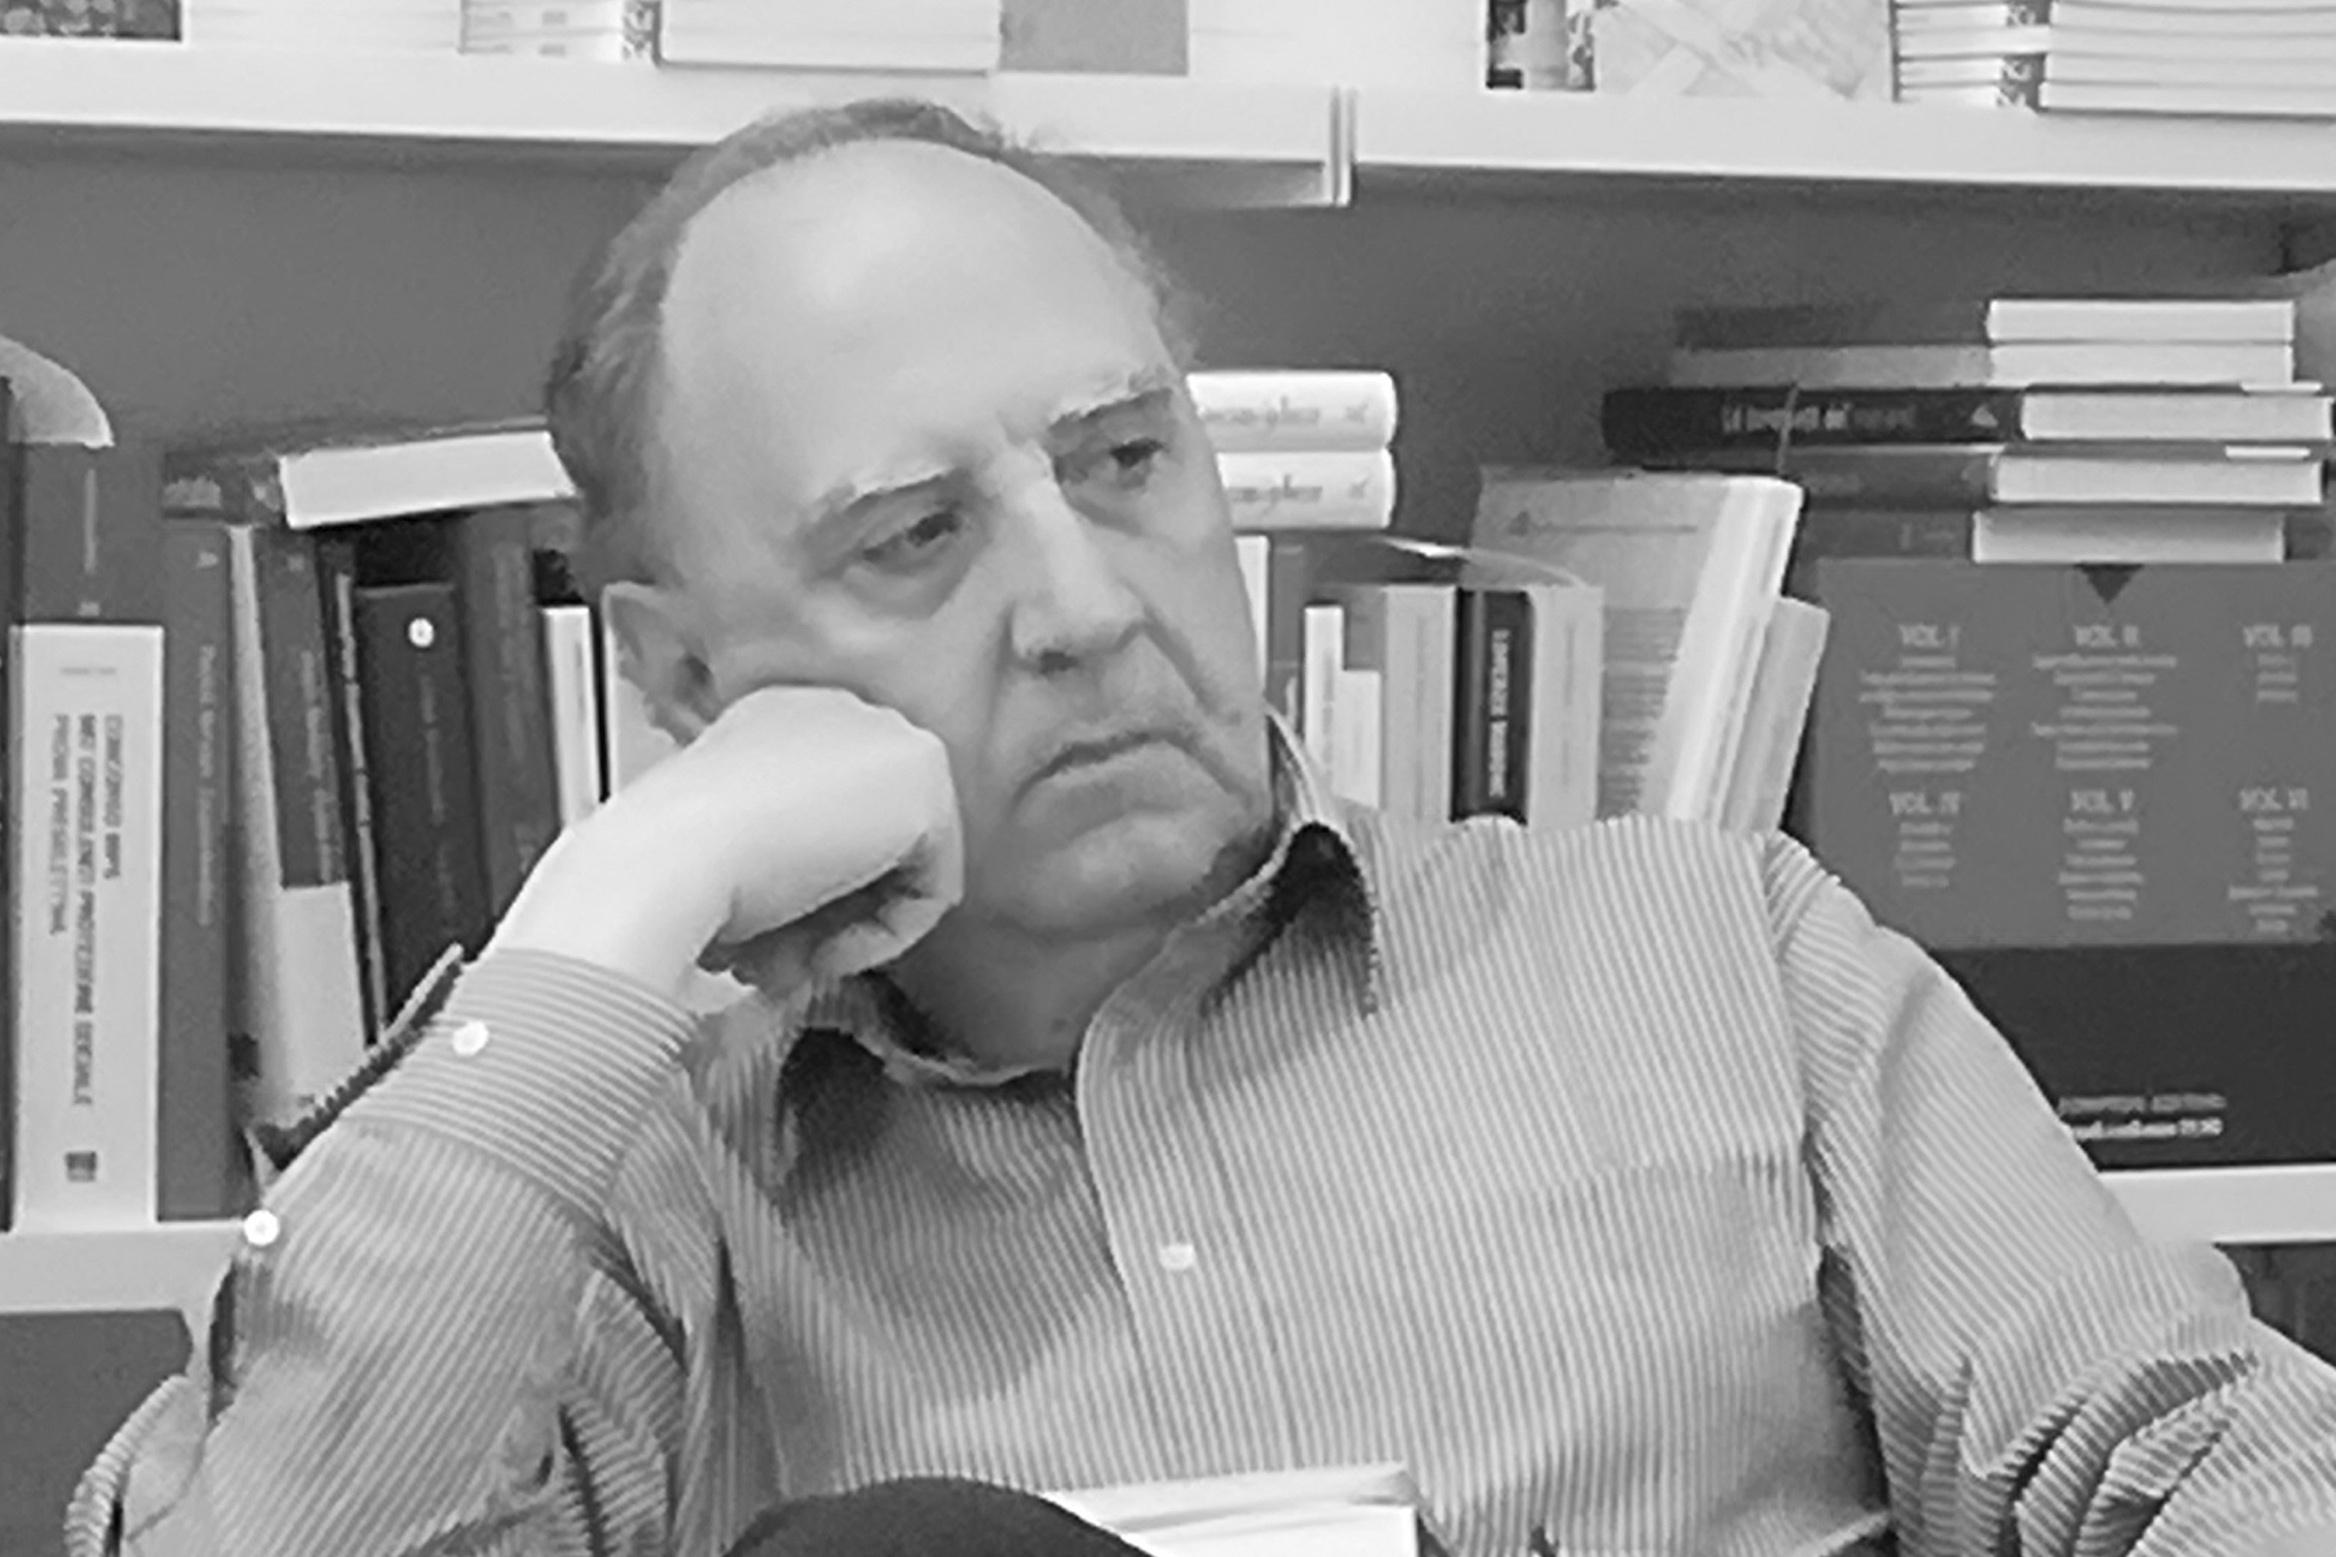 nella foto in bianco e nero si vede un uomo anziano che indossa una camicia a righe, con la mano destra poggiata sulla guancia destra